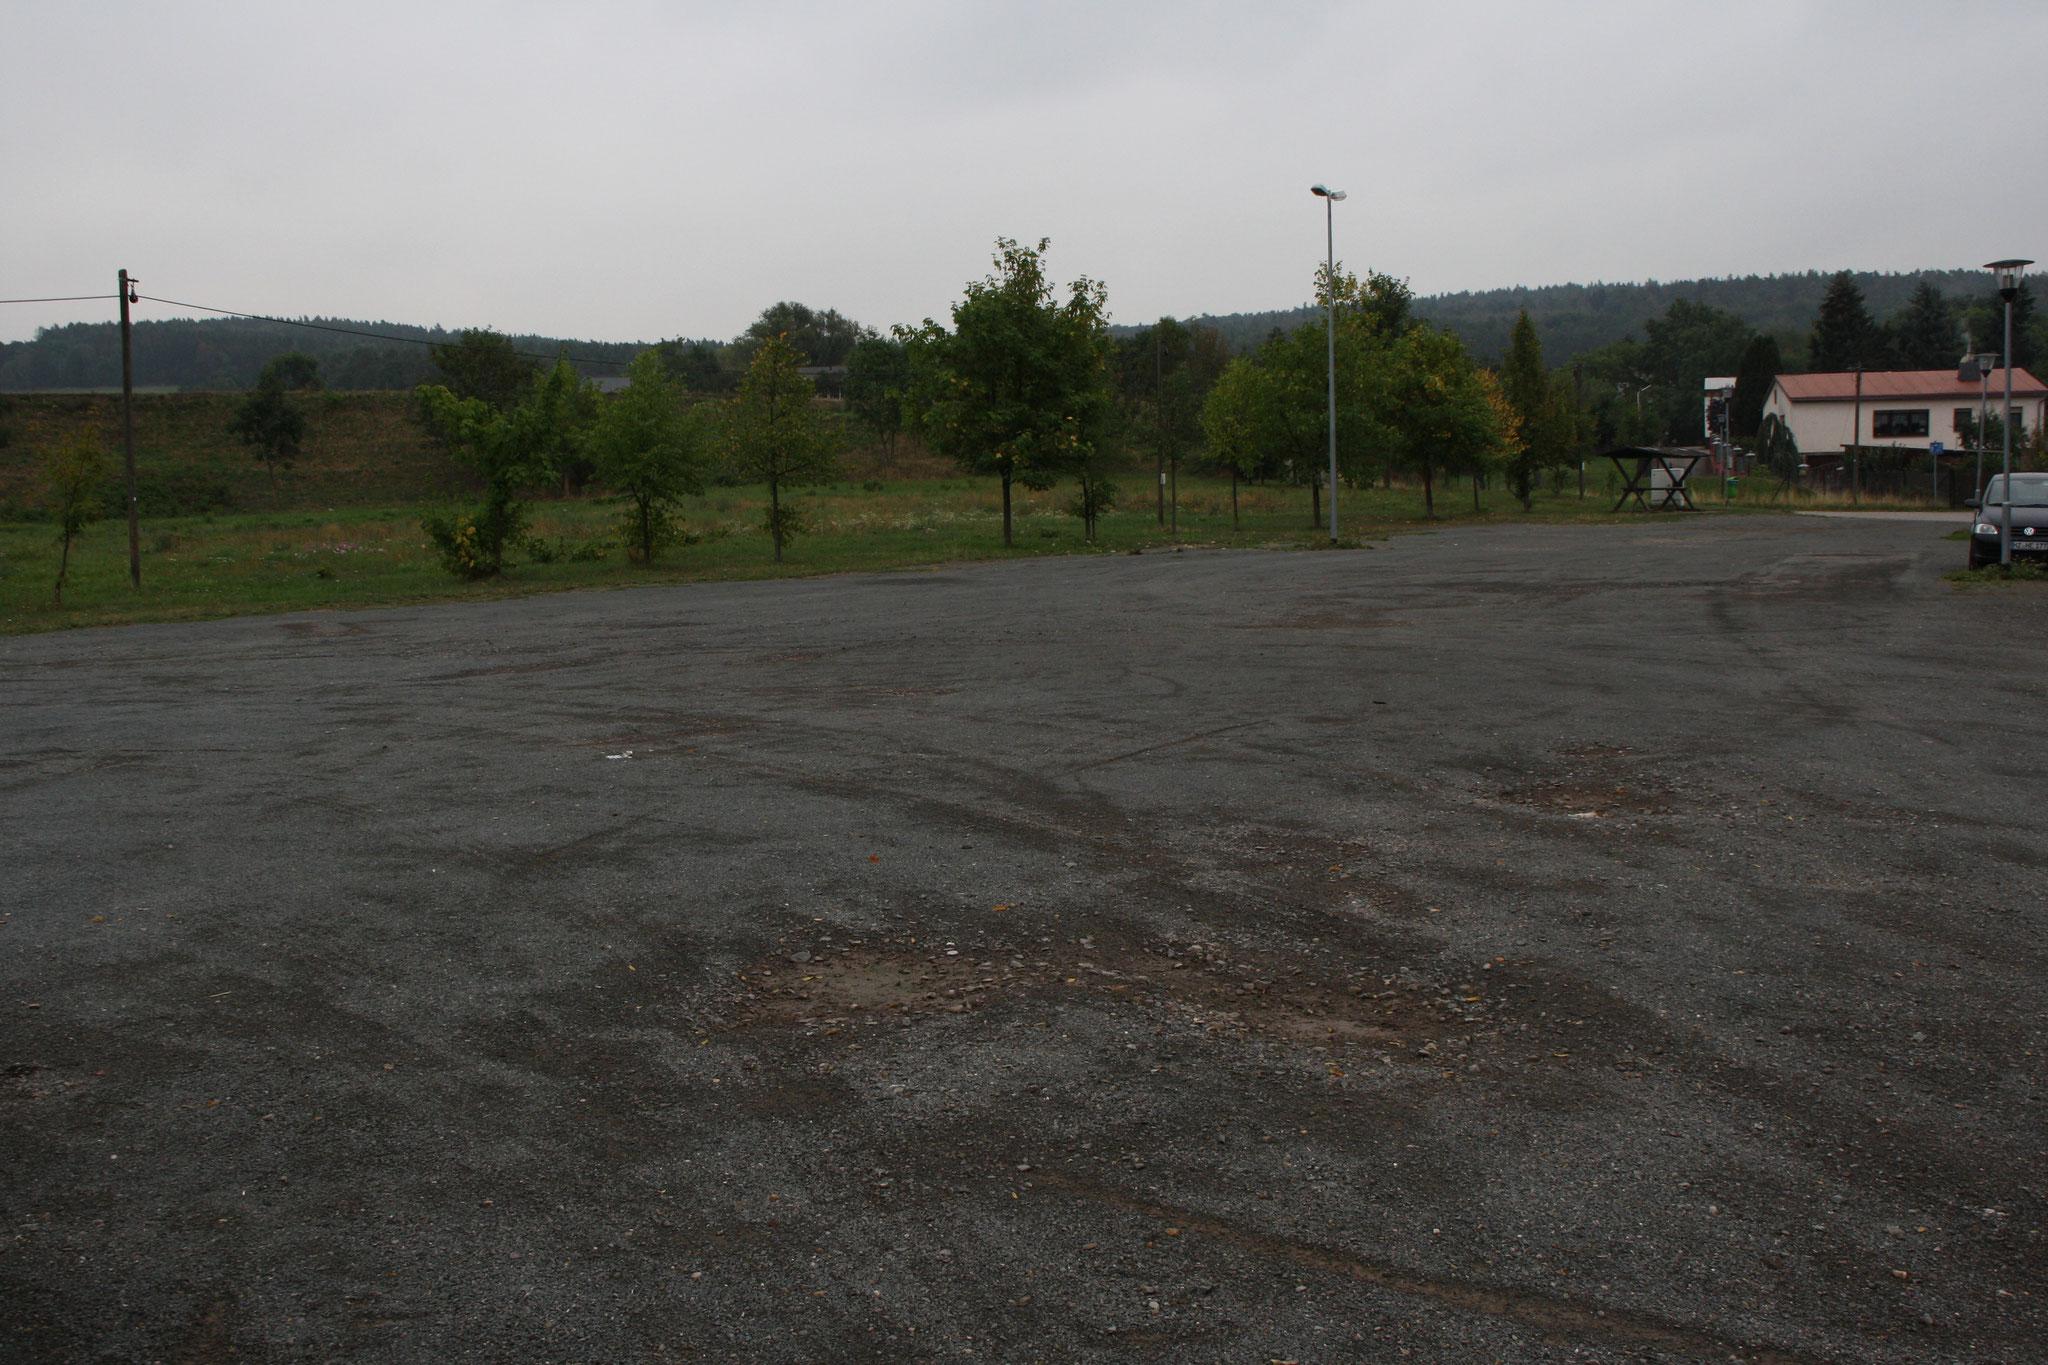 Großer Parkplatz direkt vor dem Schützenhaus.